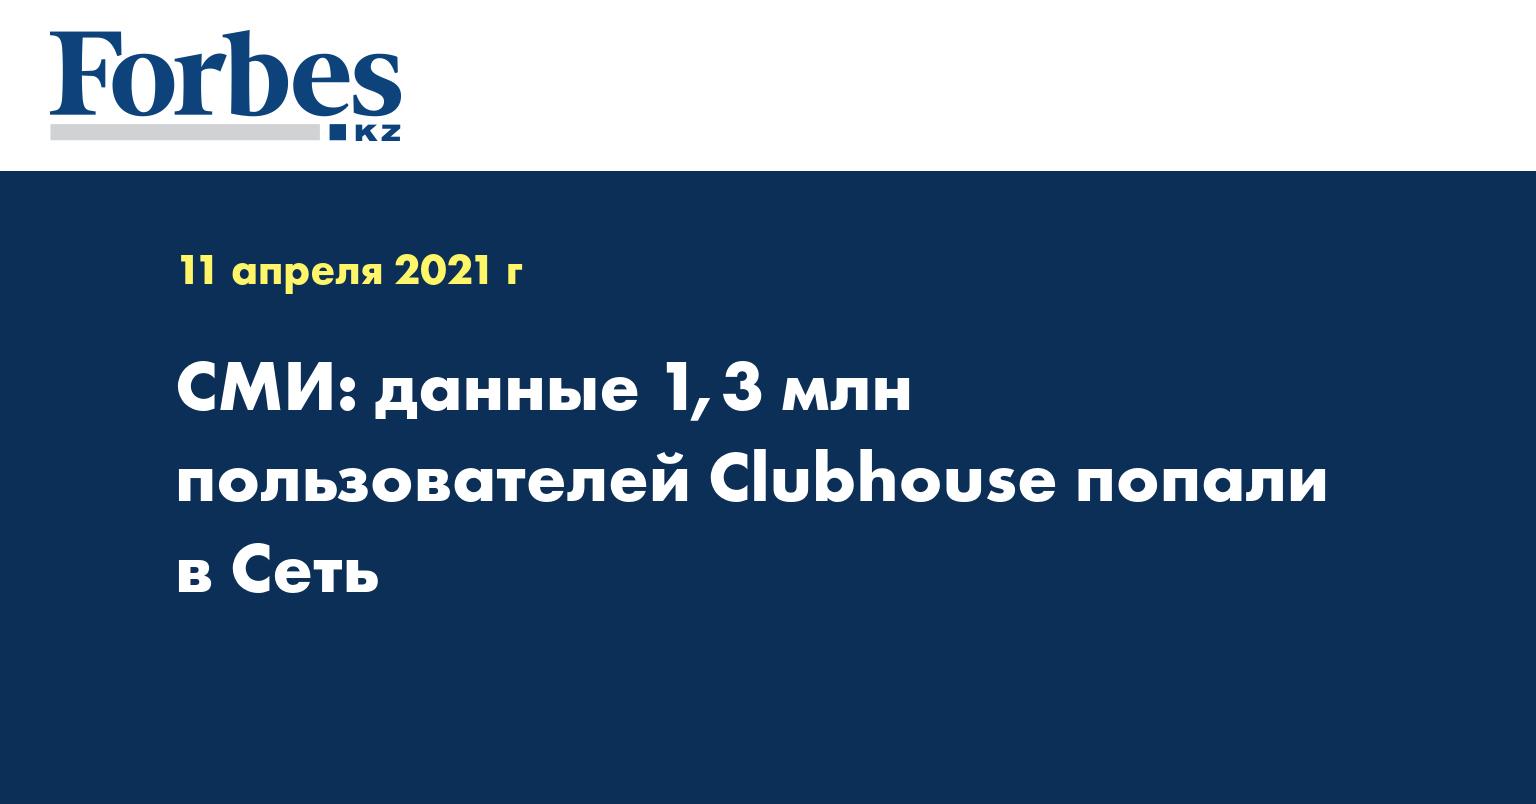 СМИ: данные 1,3 млн пользователей Clubhouse попали в Сеть